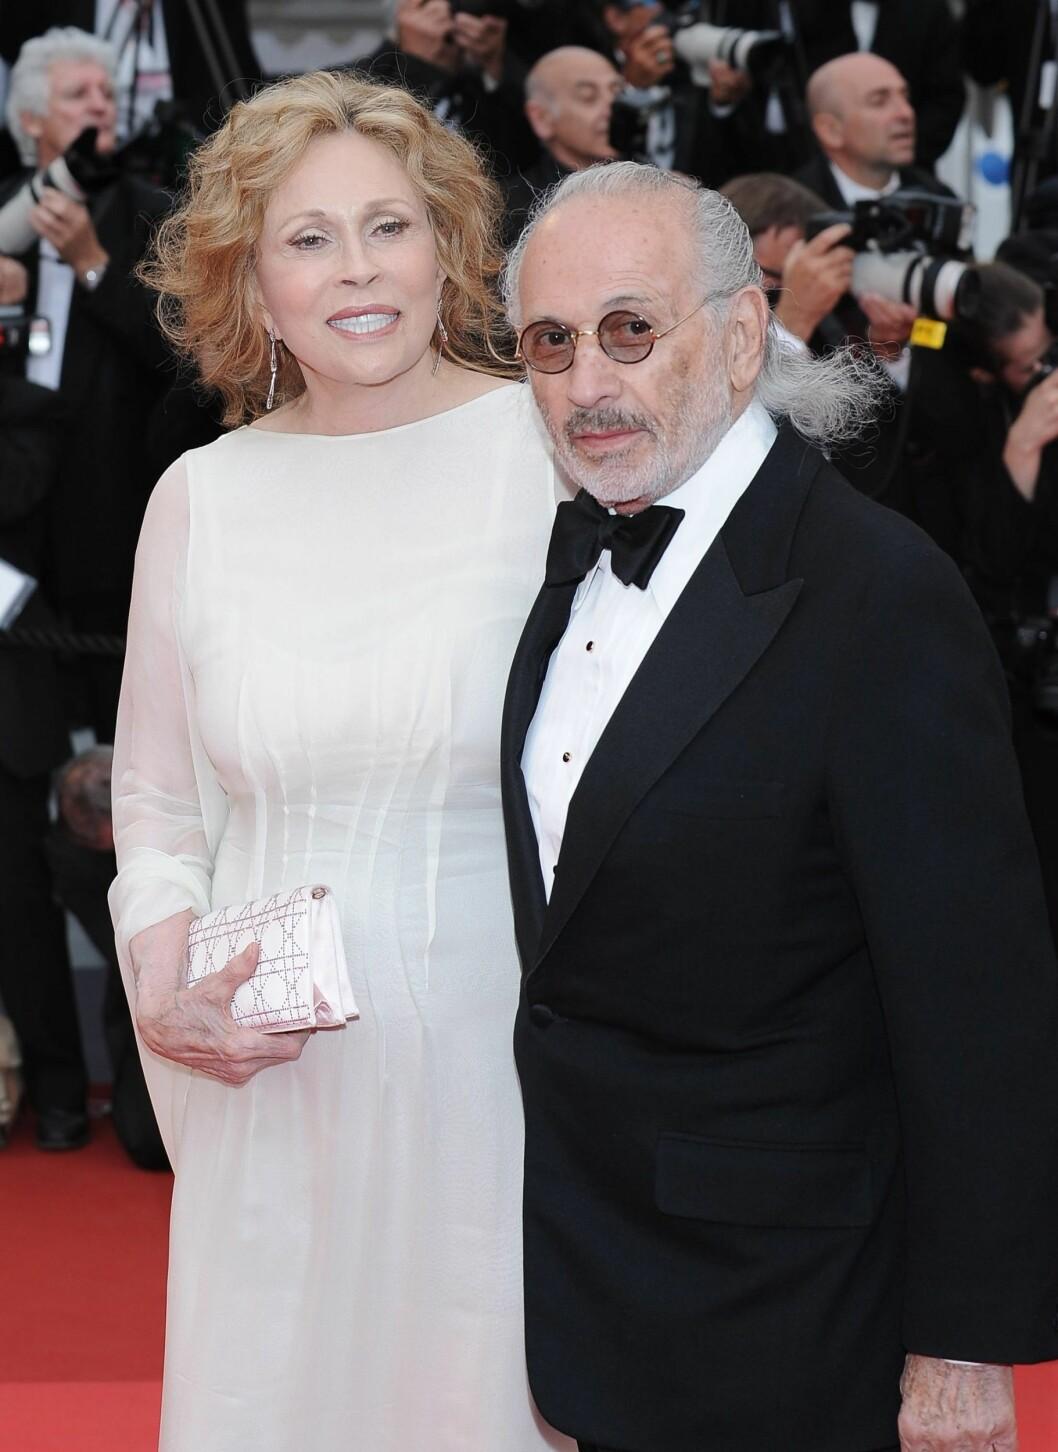 Faye Dunaway prydet den offisielle plakaten for årets Cannes-festival. Skuespilleren lar ikke alderen stoppe henne og kaster seg mer enn gjerne på den hvite trenden.  Foto: All Over Press